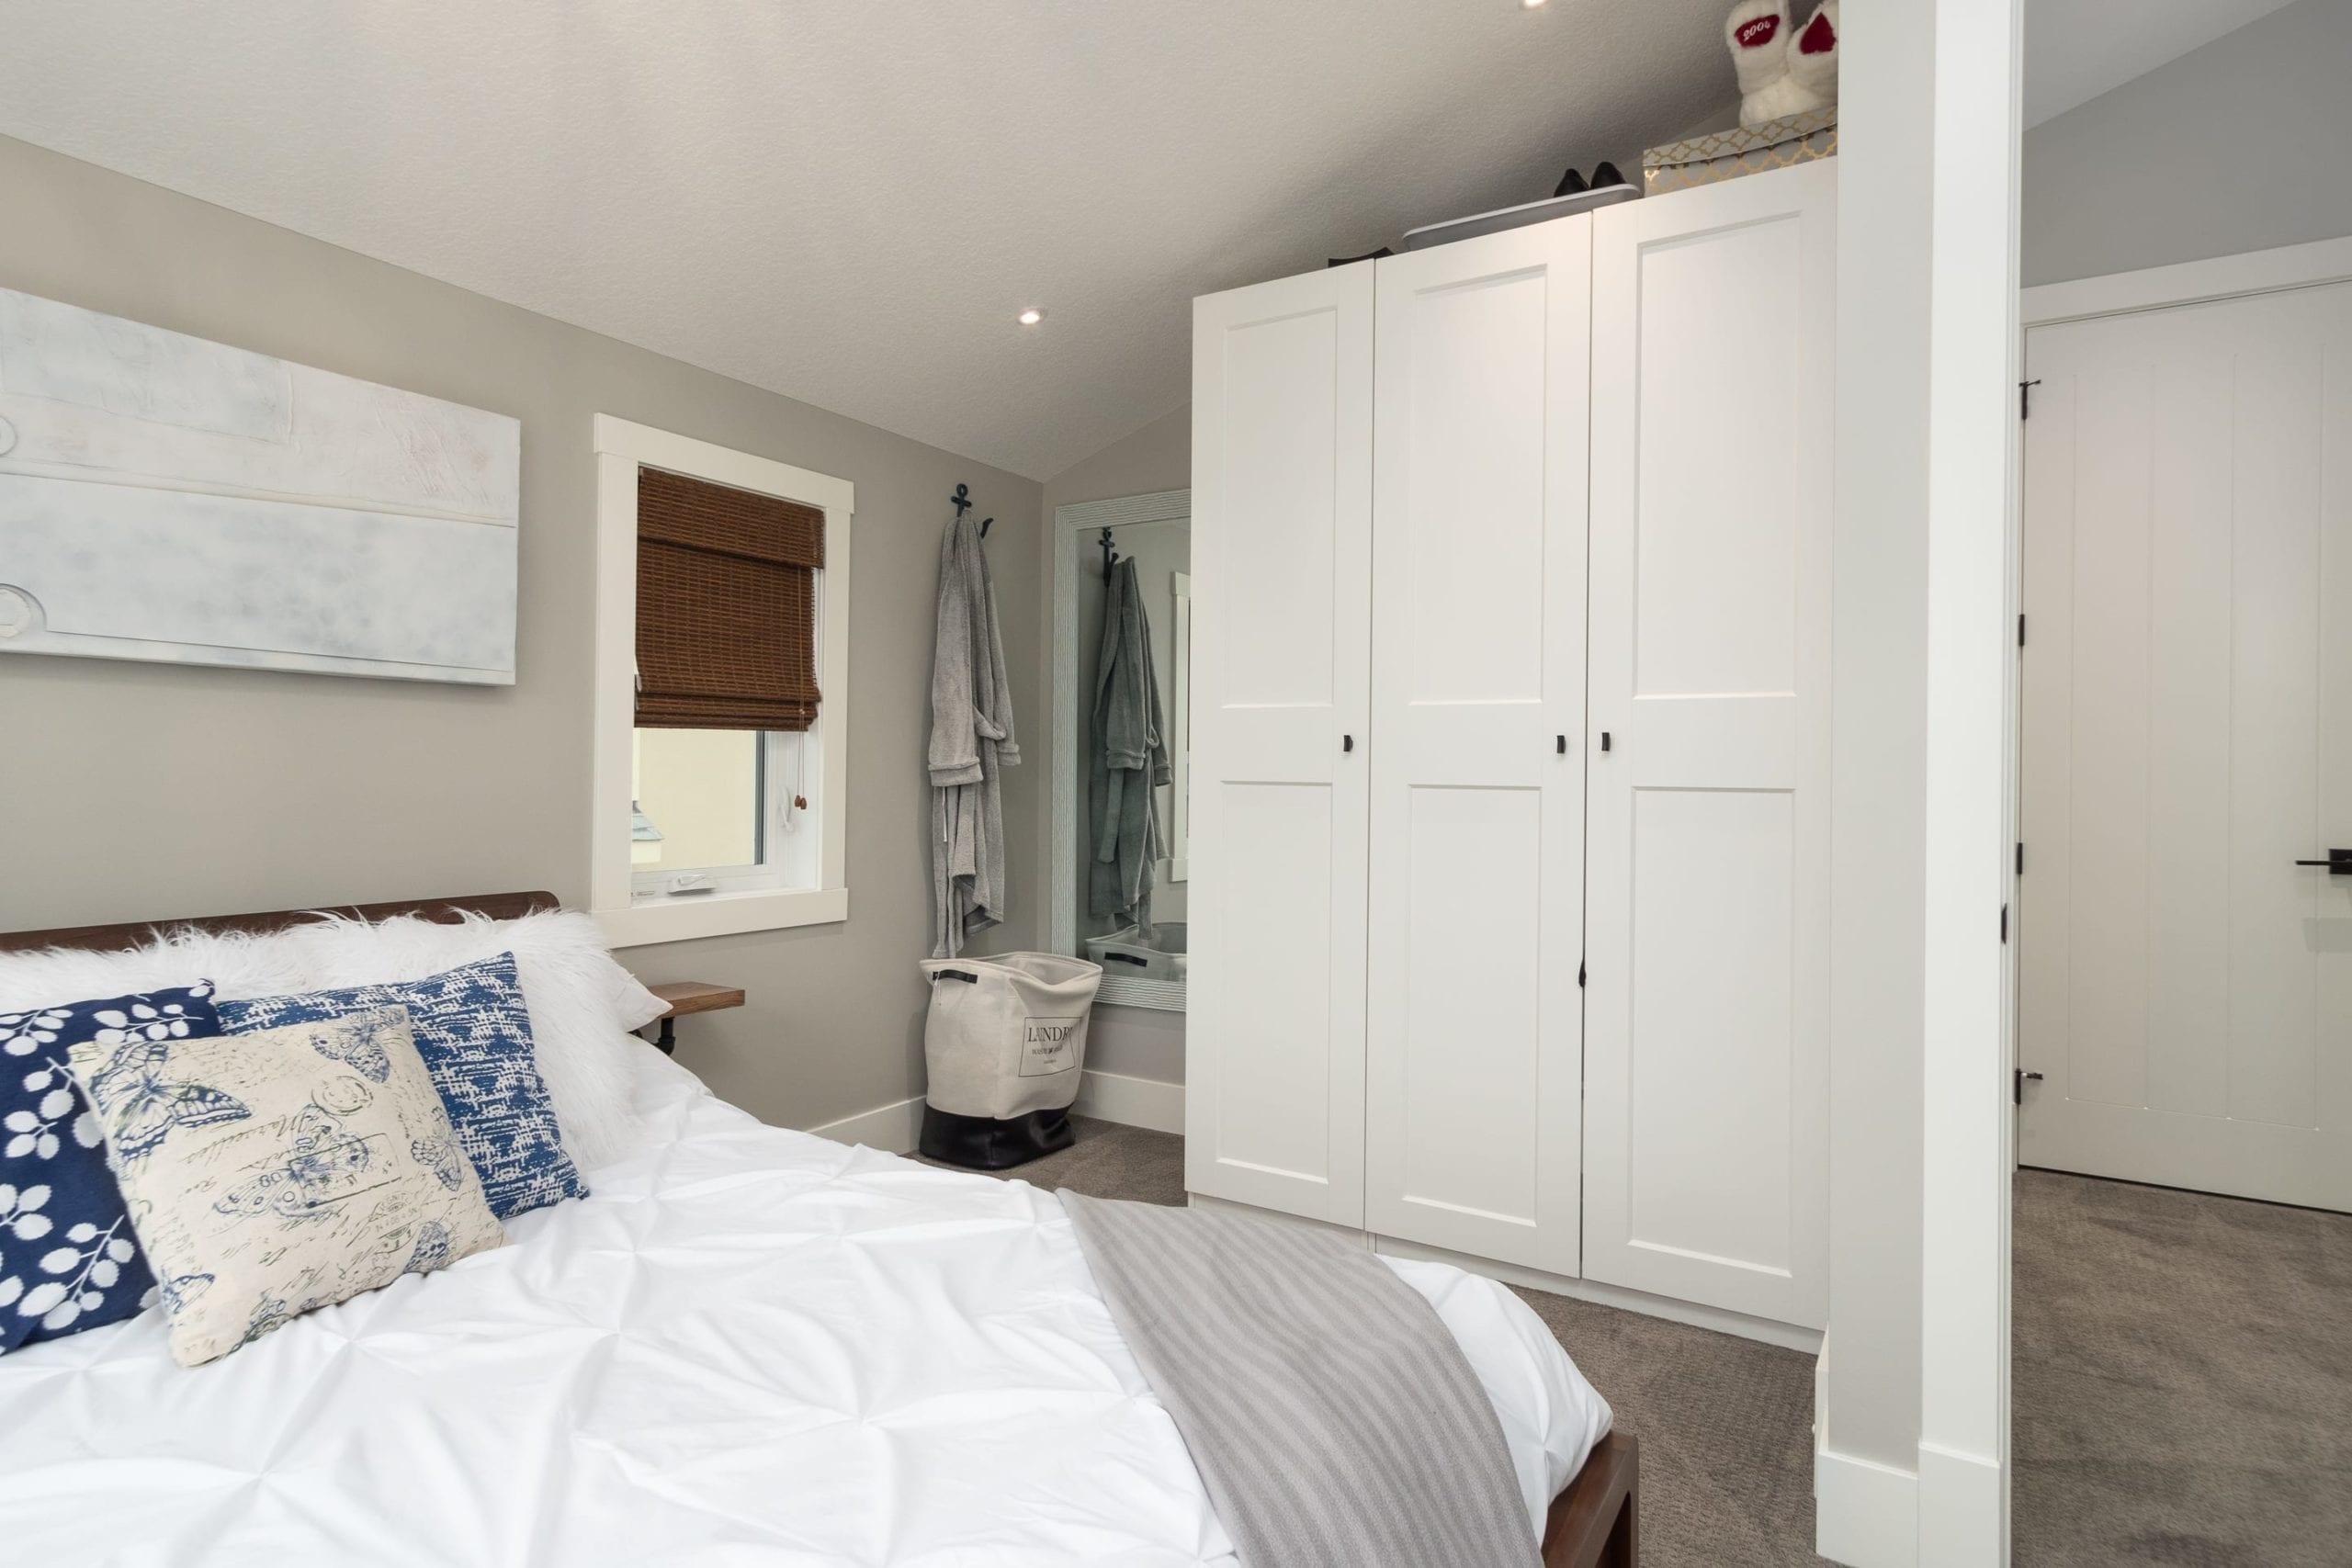 Hello Gorgeous - 302 Cottage Club Way - Tara Molina Real Estate (17 of 43)